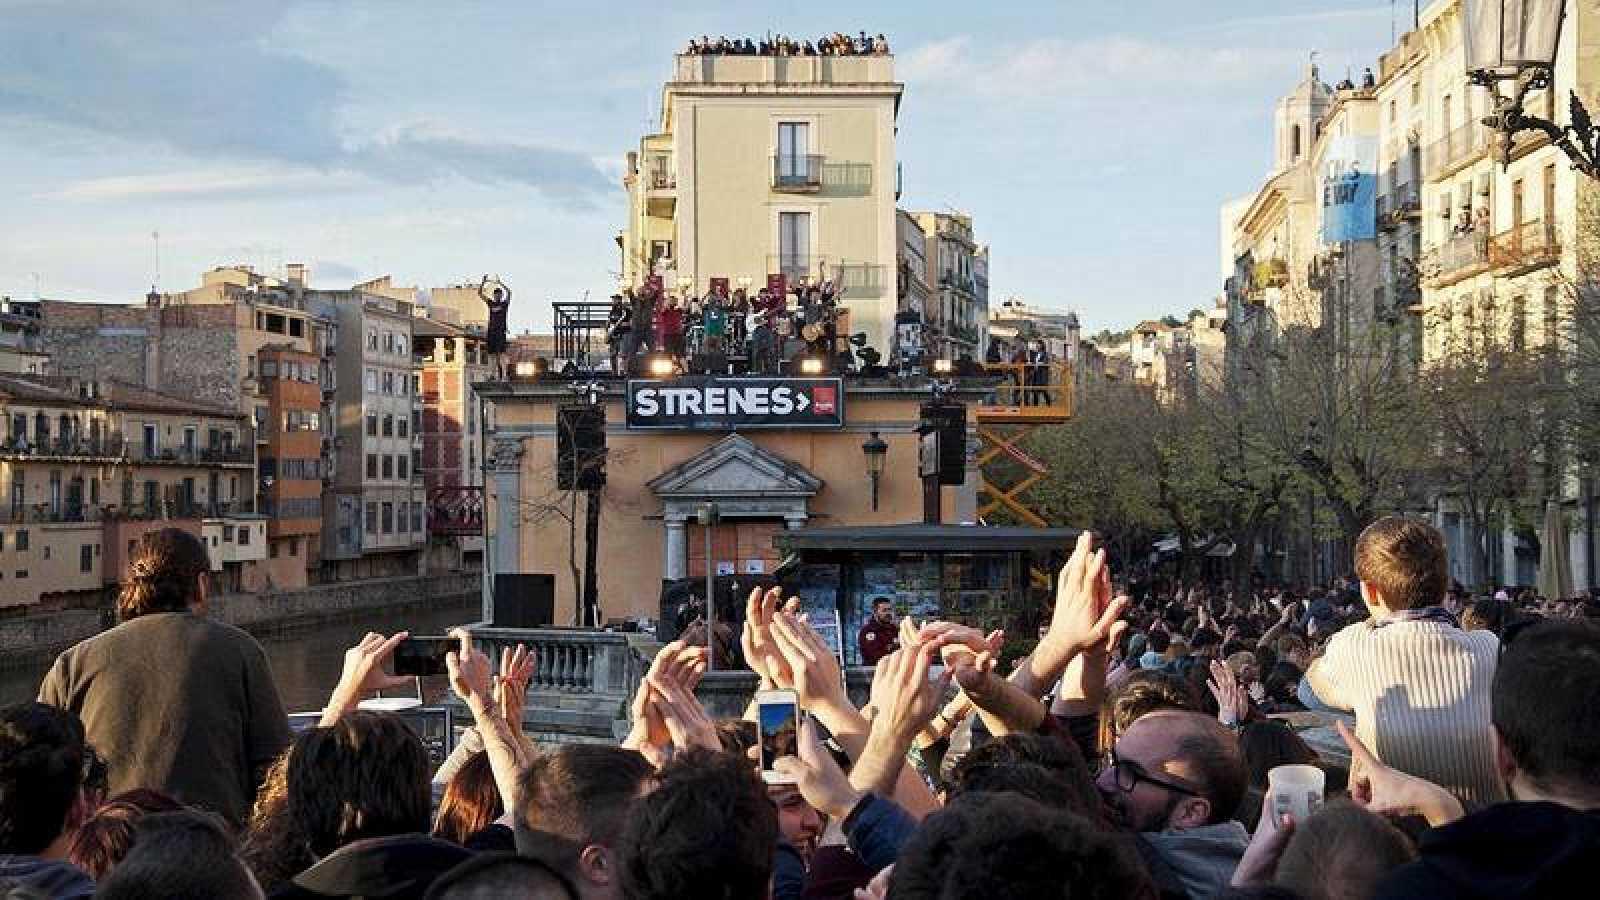 Festival de música en Girona